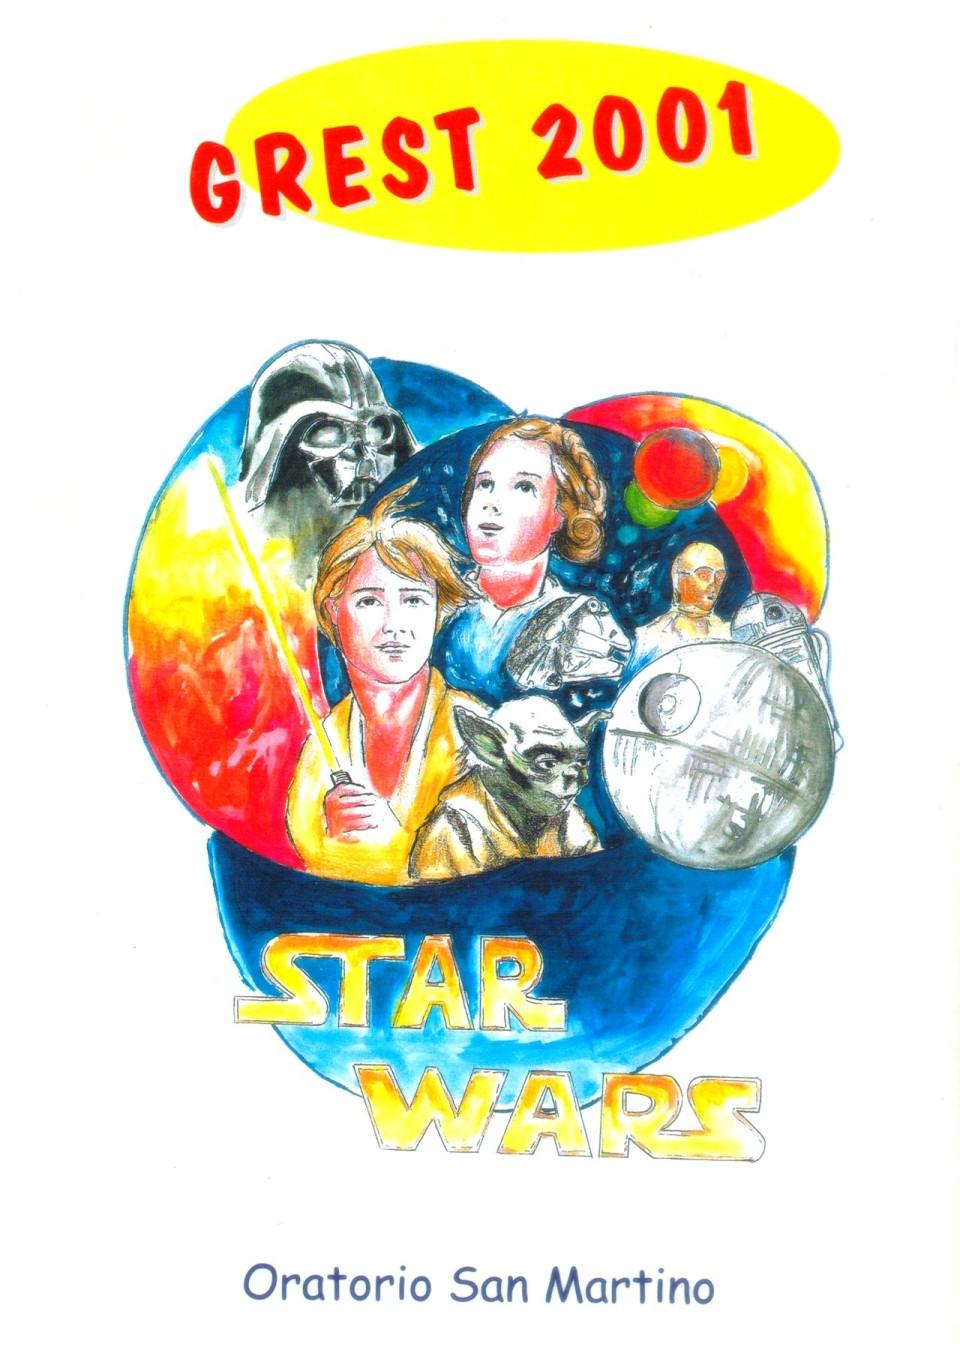 copertina-libretto-grest-2001-star-wars